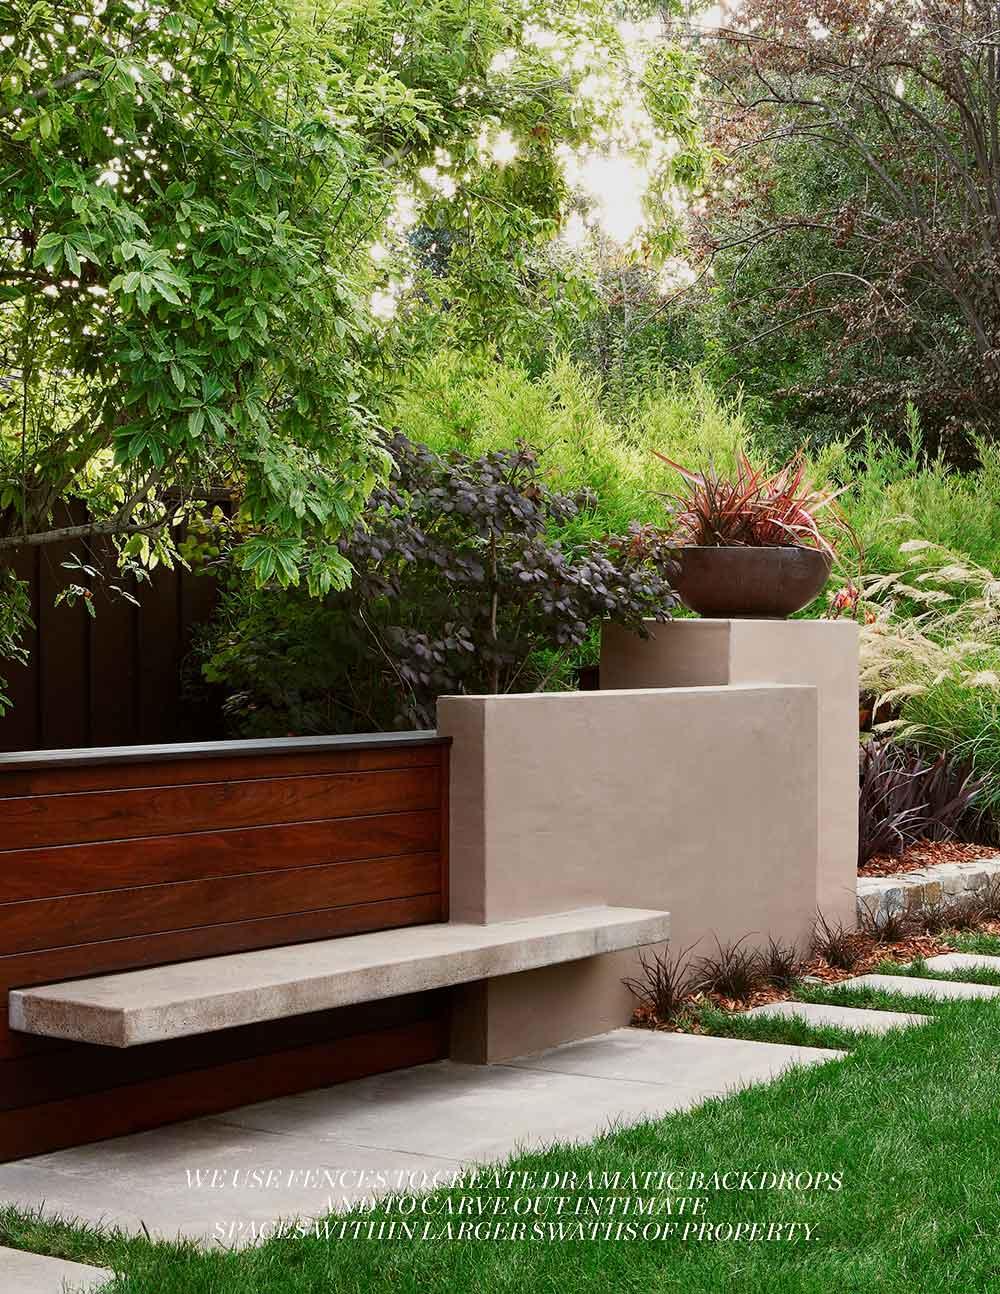 Garden Design features the bench as sculpture from Arterra's project The Garden as Sculpture.